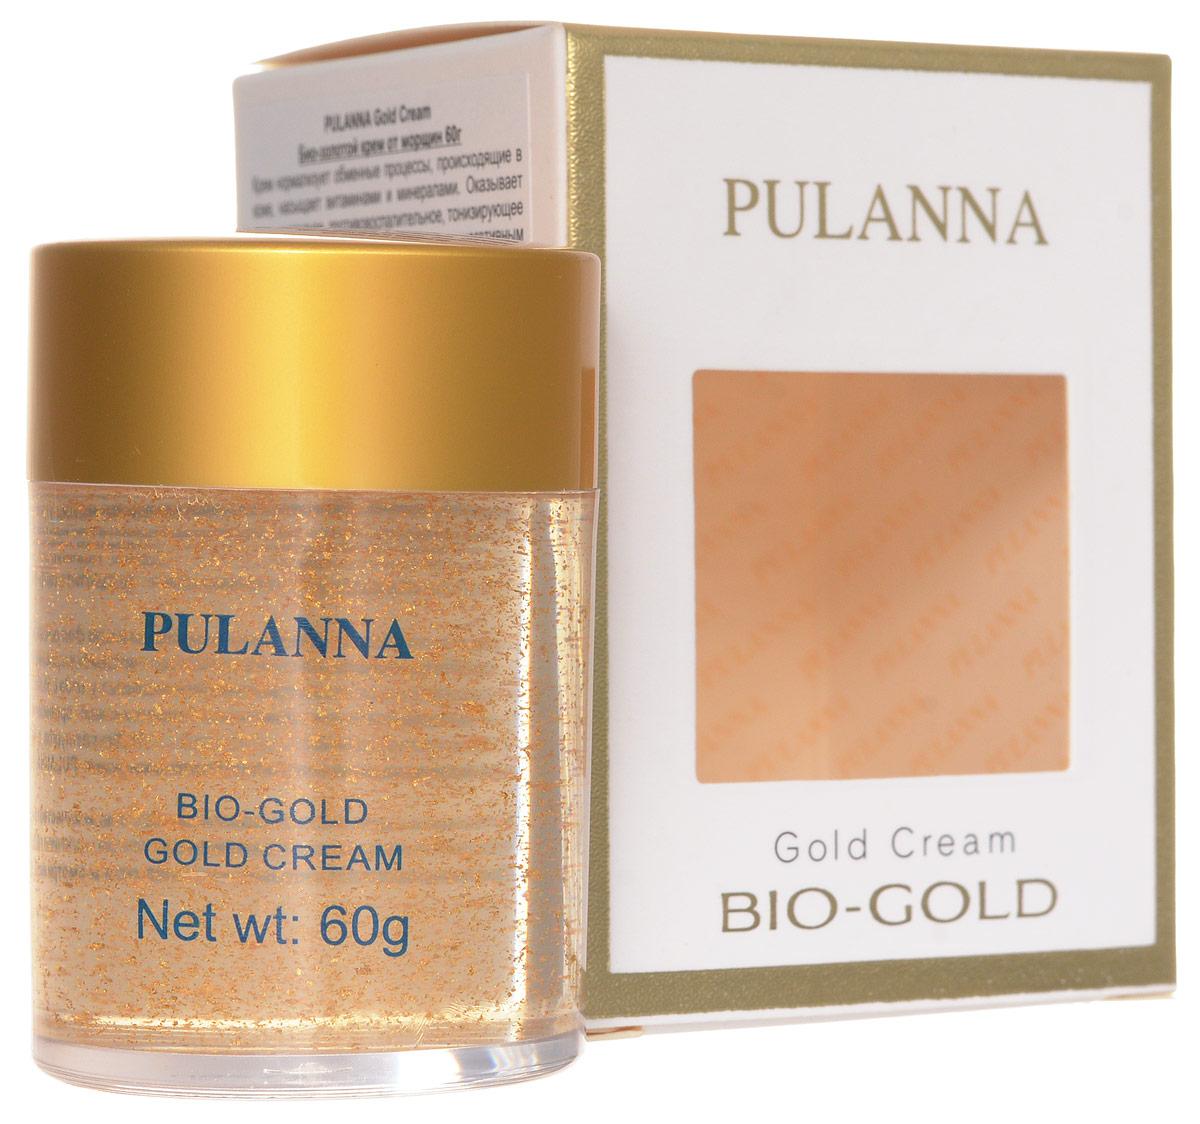 Pulanna Био-золотой крем от морщин на основе био-золота - Gold Cream 60 г5902596005016Крем нормализует обменные процессы, происходящие в коже, насыщает витаминами и минералами. Оказывает антиоксидантное, противовоспалительное, тонизирующее действие. Повышает сопротивляемость кожи к негативным внешним воздействиям. Ускоряет регенерацию клеток кожи, смягчает и увлажняет. Био-золото обеспечивает коже длительное, глубокое увлажнение и питание. Экстракт женьшеня и алоэ ускоряет регенерацию клеток, регулирует обменные процессы и тонизирует. Экстракт водорослей - источник важных минералов, полисахаридов, регуляторных молекул (цитокинов), антиоксидантов - очищает, смягчает, тонизирует. Оказывает тонизирующее, антиоксидантное, стимулирующее и укрепляющее действие. Повышается эластичность кожи, выравнивается ее рельеф, повышается тонус, сглаживаются морщины и мимические линии. Кожа становится более мягкой и эластичной, морщинки и линии менее выражены. Рекомендован для всех типов кожи с 40 лет в качестве основного ухода, с 35 лет курсами (28-30 дней).